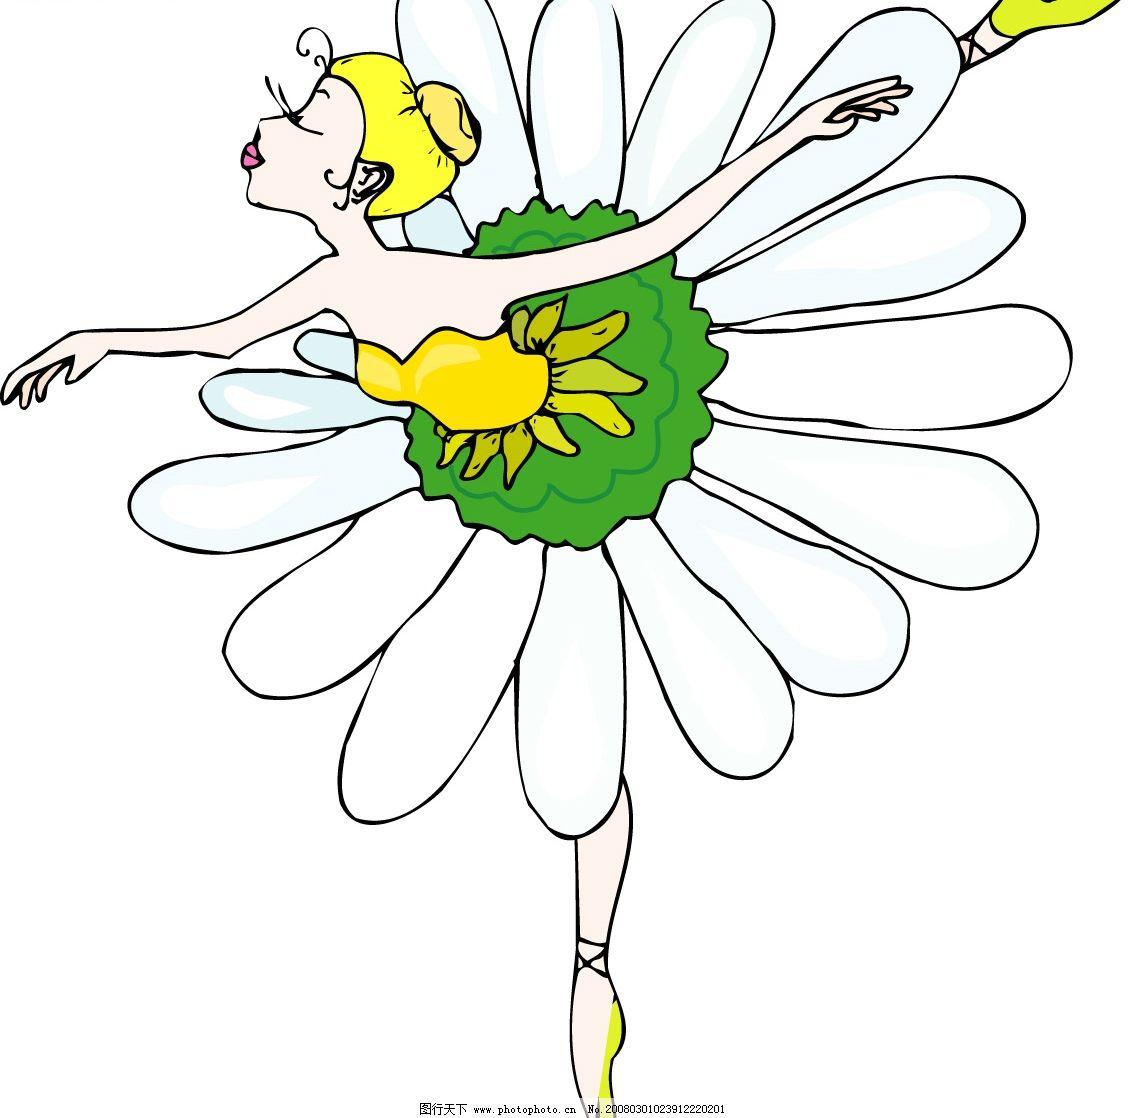 芭蕾舞动作1 cdr文件 可编辑 舞蹈 动作 彩色 形体 矢量人物 其他人物